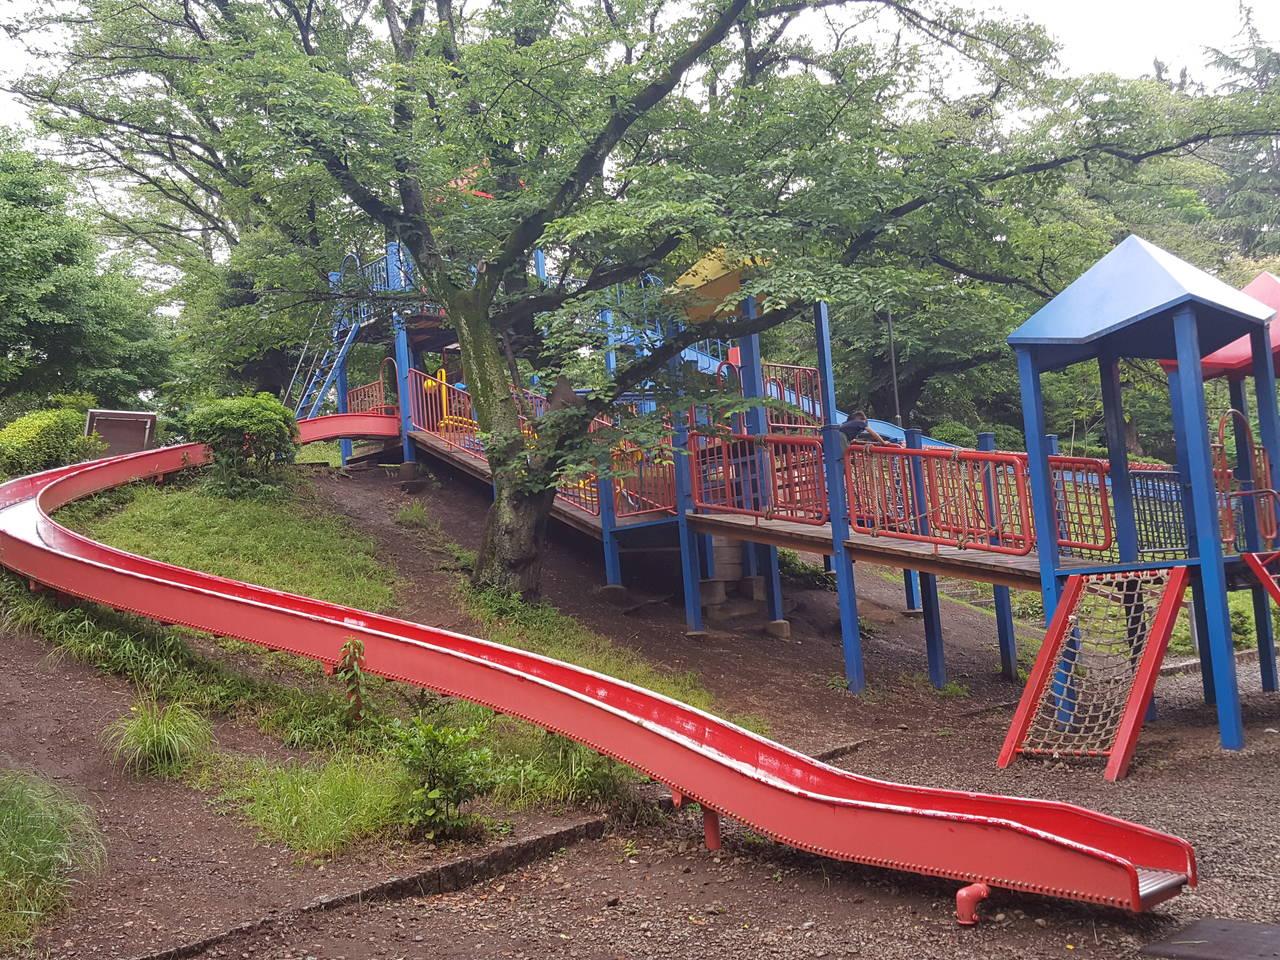 【東京】大型複合遊具から左右に伸びるローラーすべり台「福生公園」